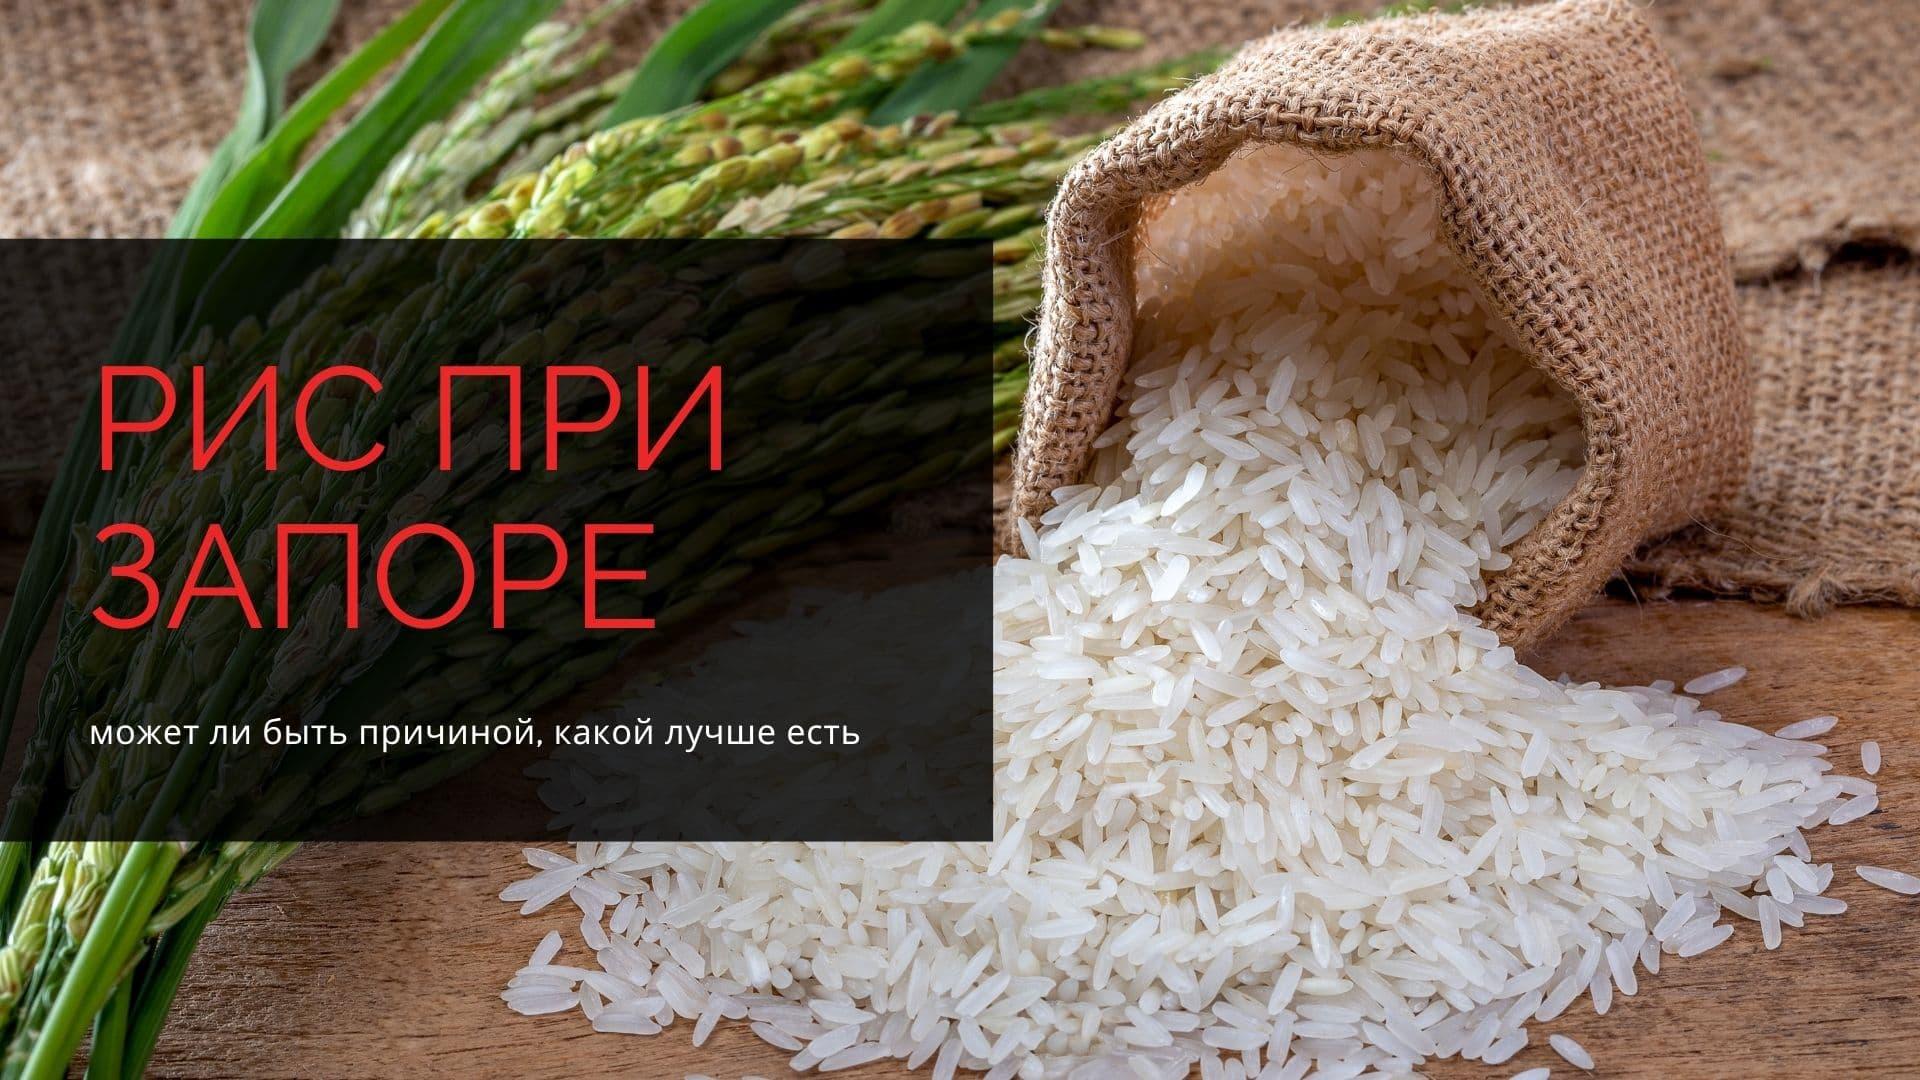 Рис при запоре: может ли быть причиной, какой лучше есть